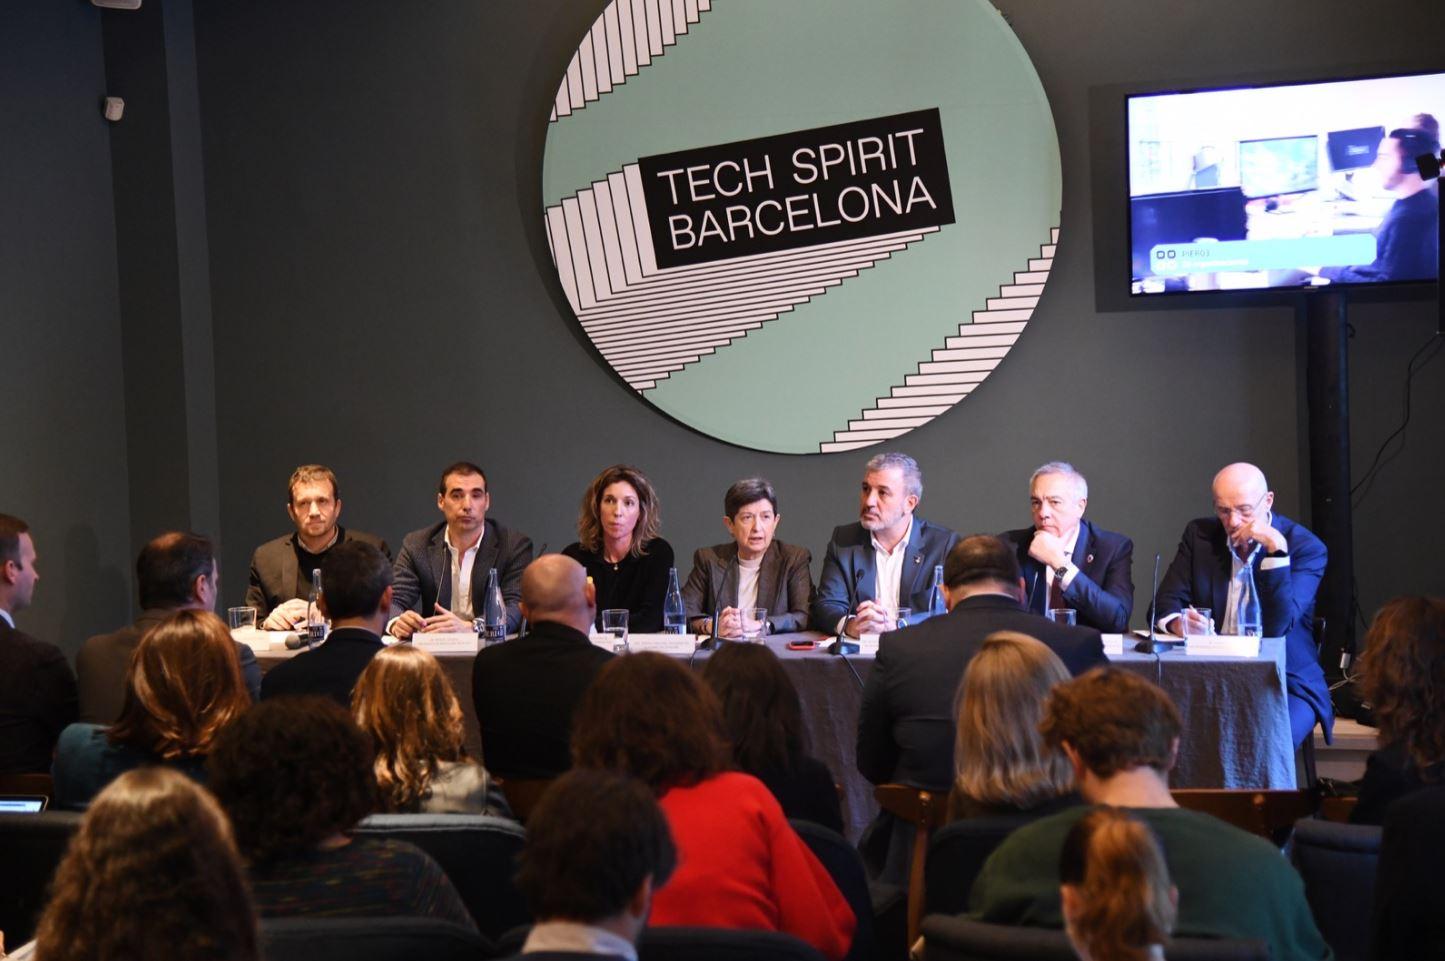 presentación de tech spirit barcelona